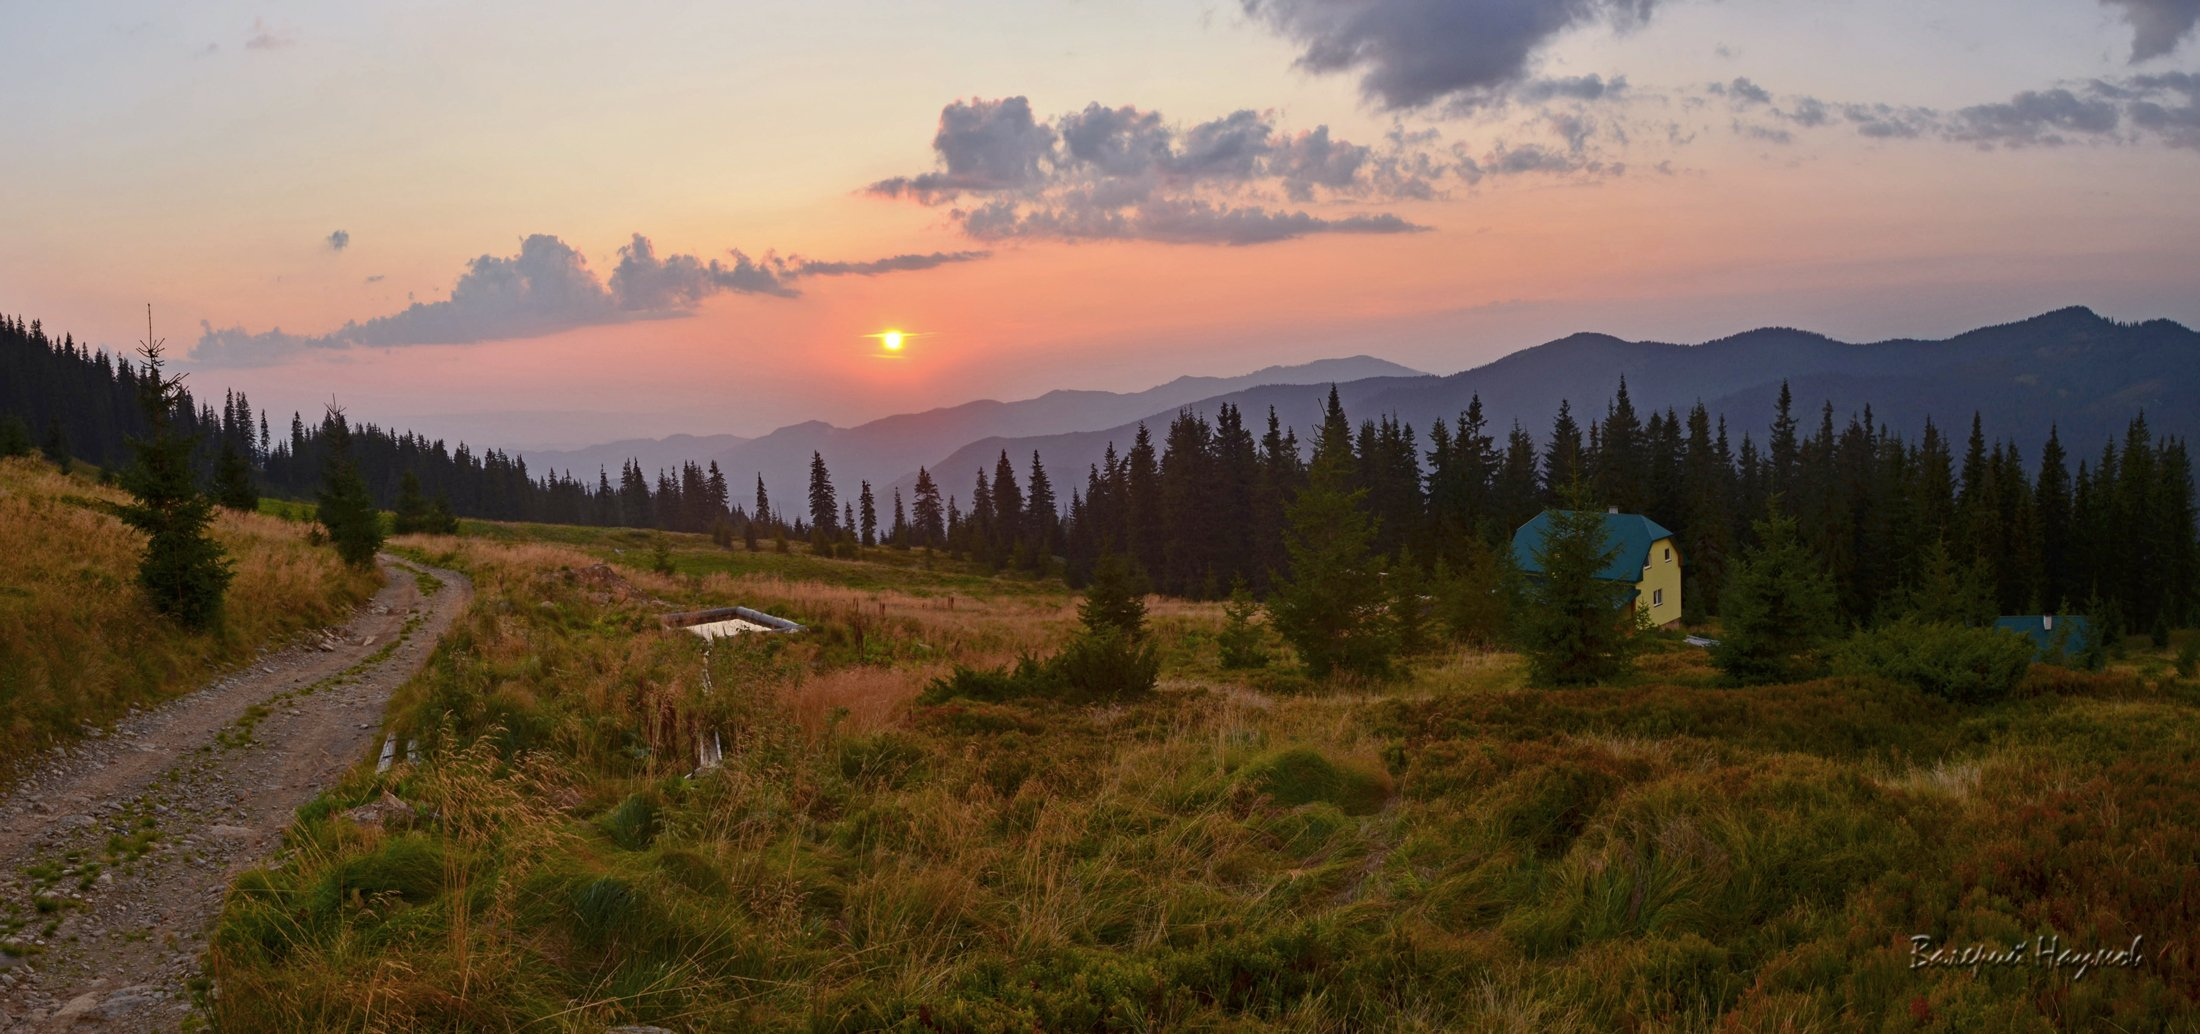 карпаты, горы, мармаросы, вечер, закат, полонина струнге, Валерий Наумов